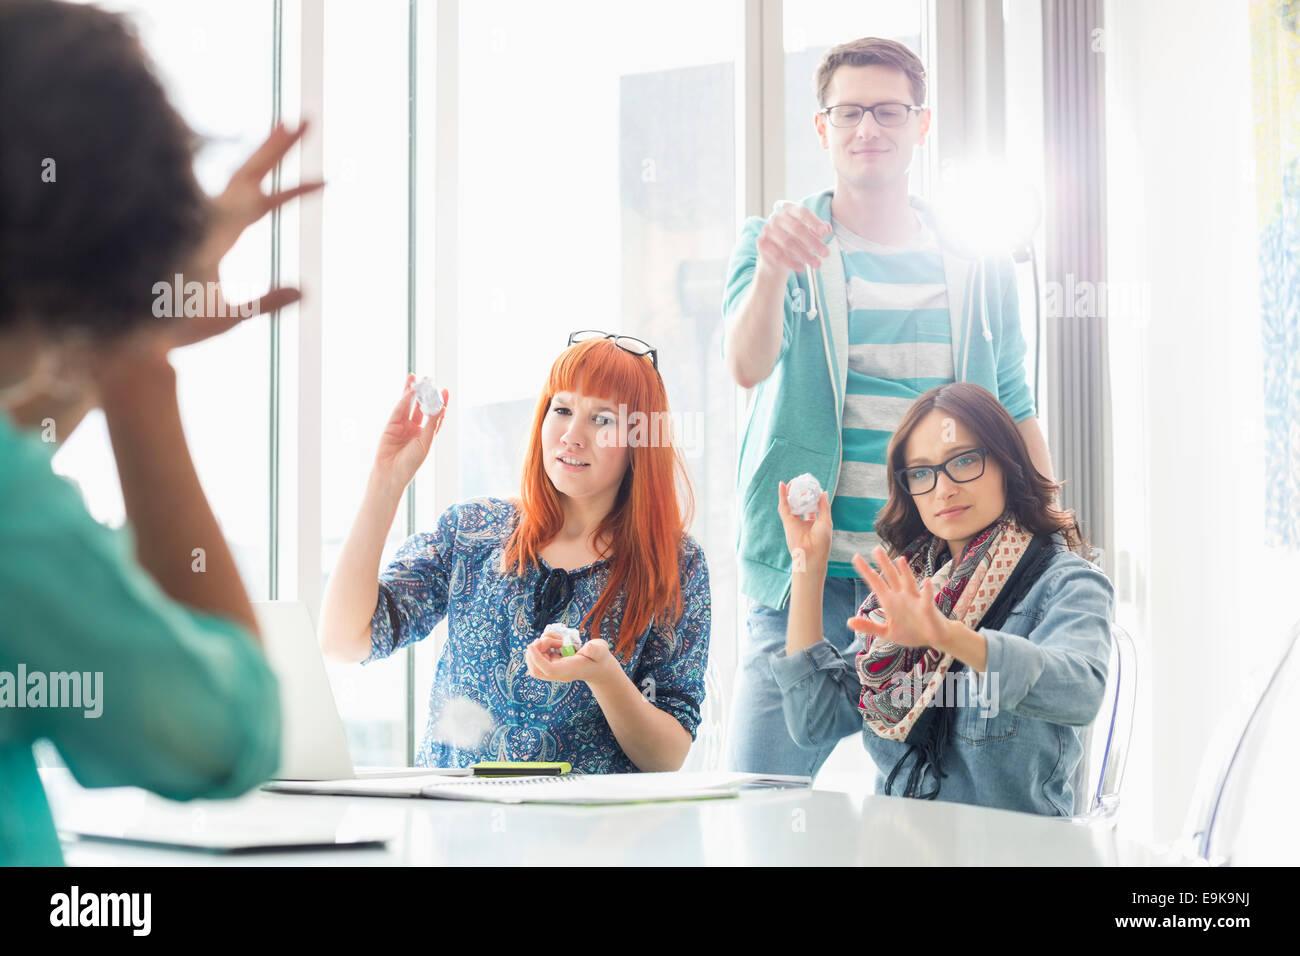 Empresarios enojado lanzando bolas de papel de compañero de oficina creativa Foto de stock